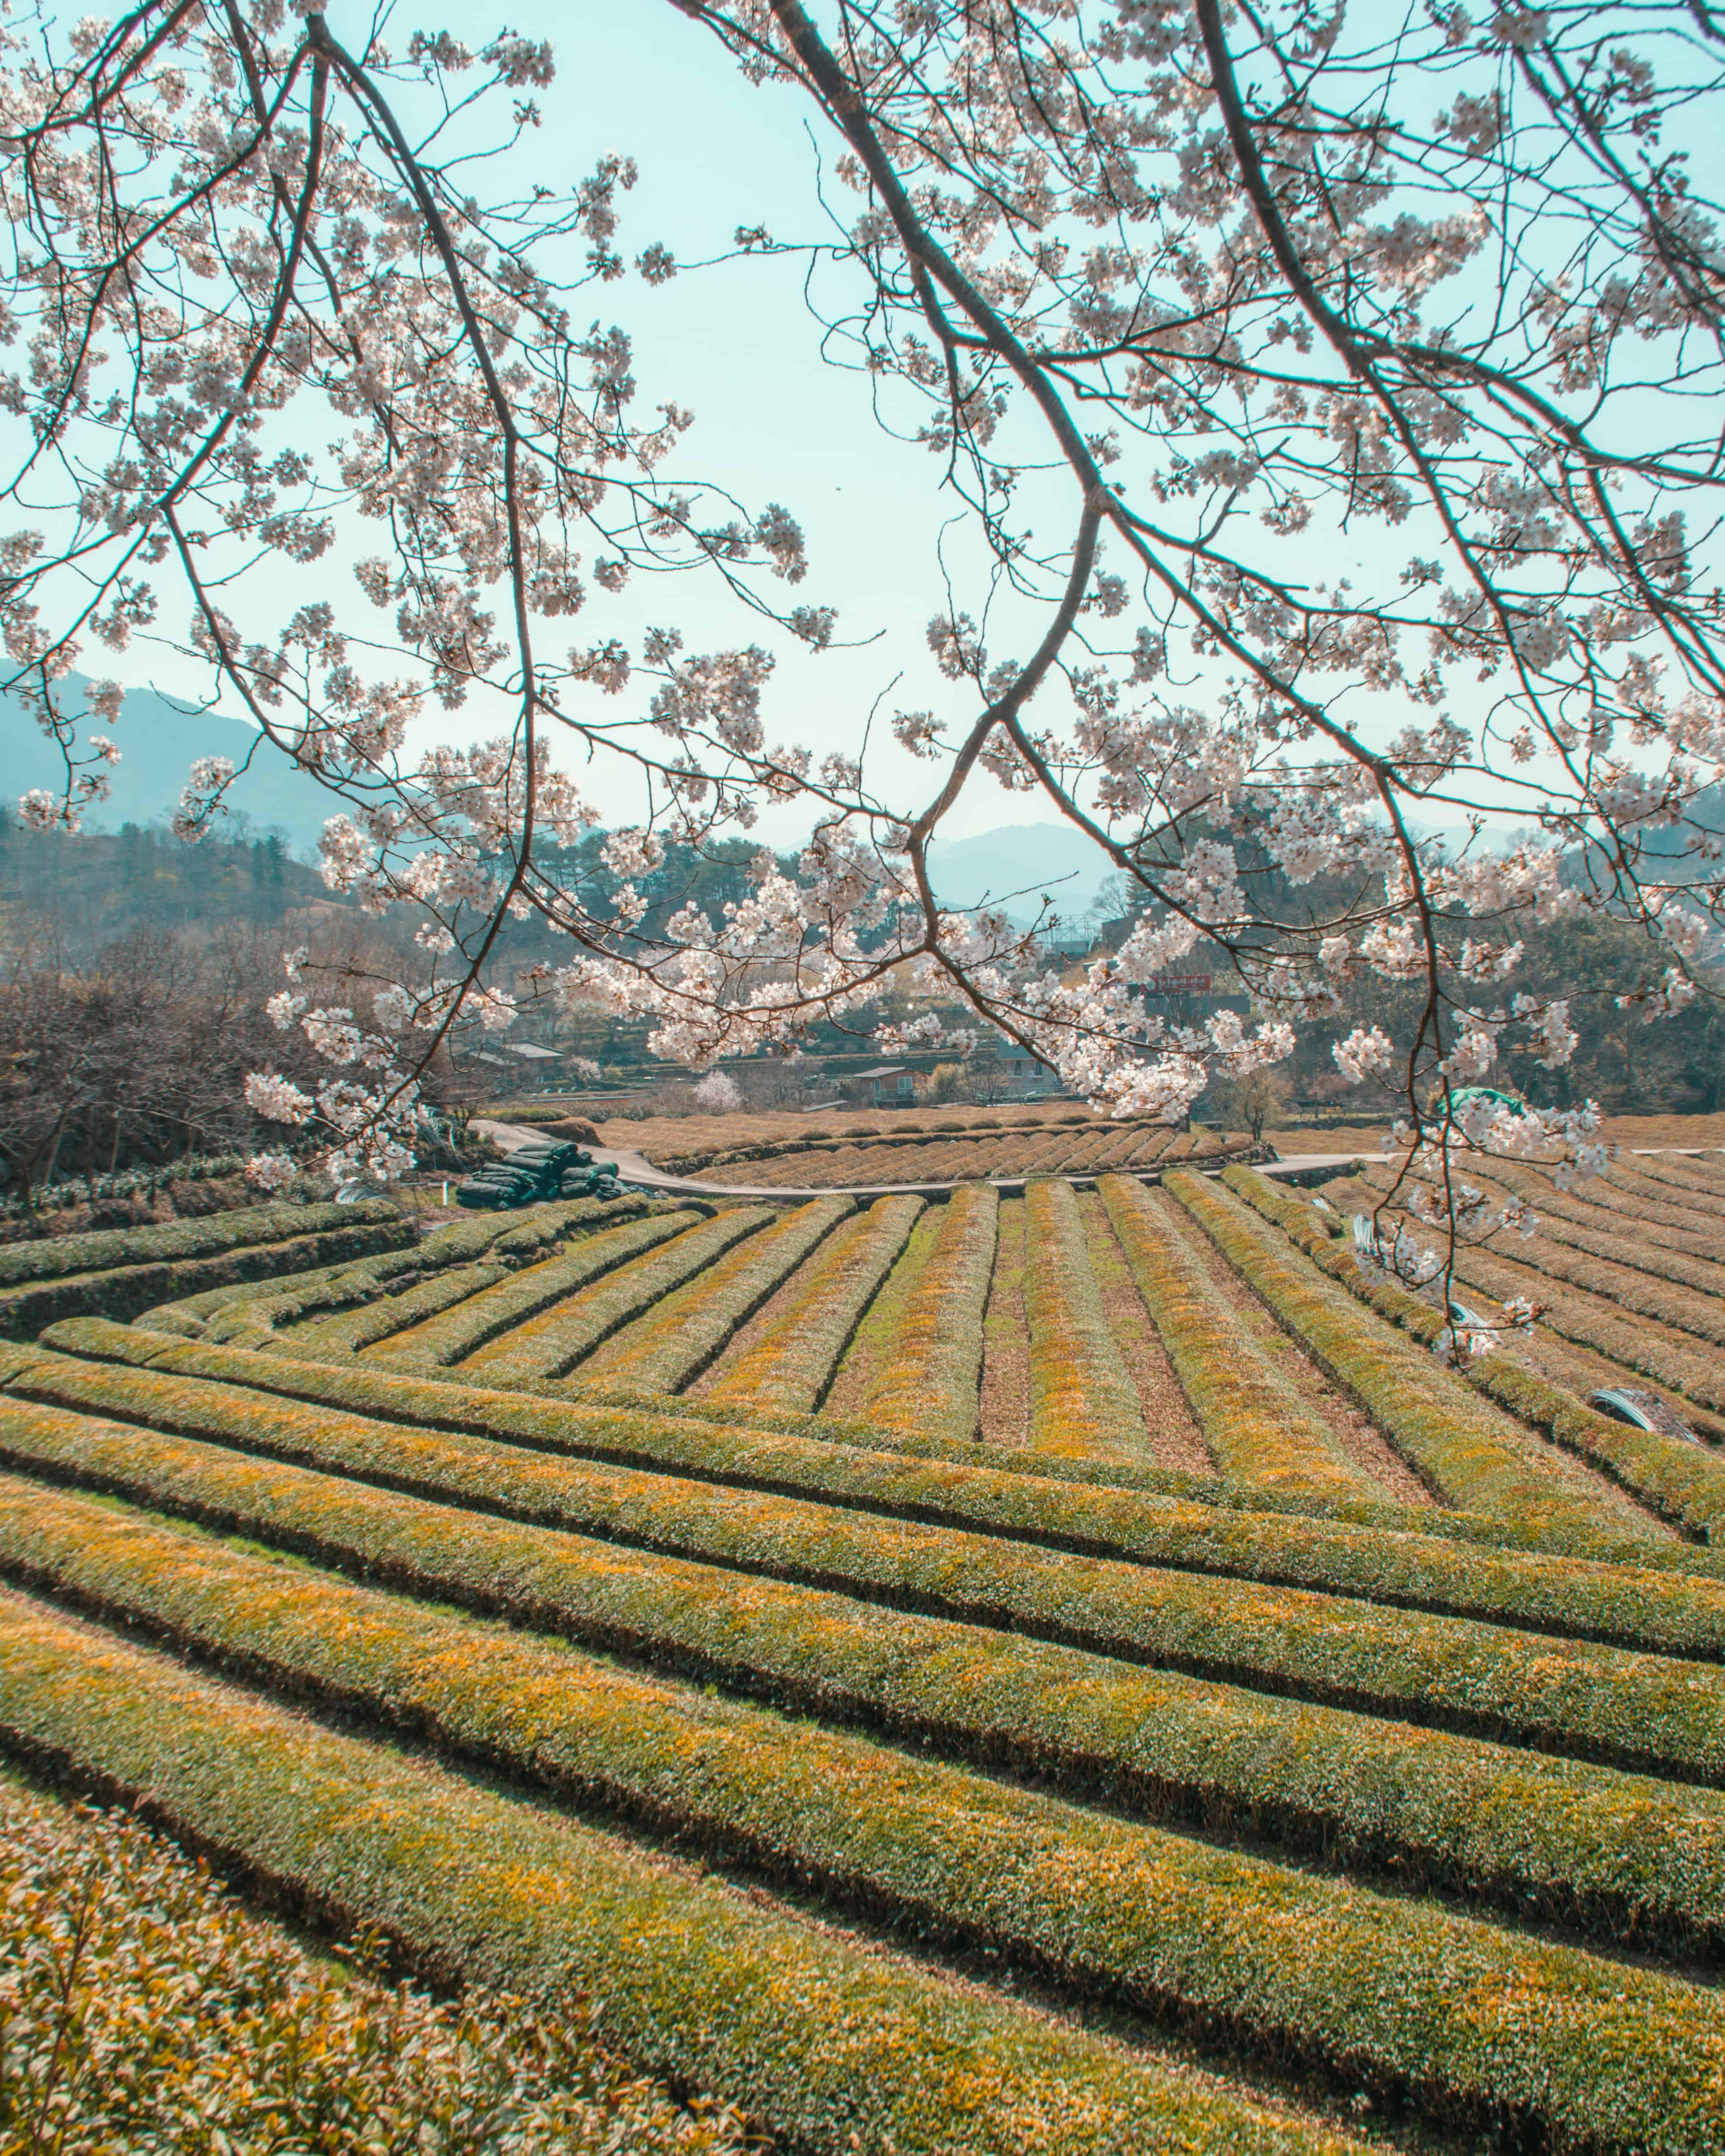 hadong tea fields